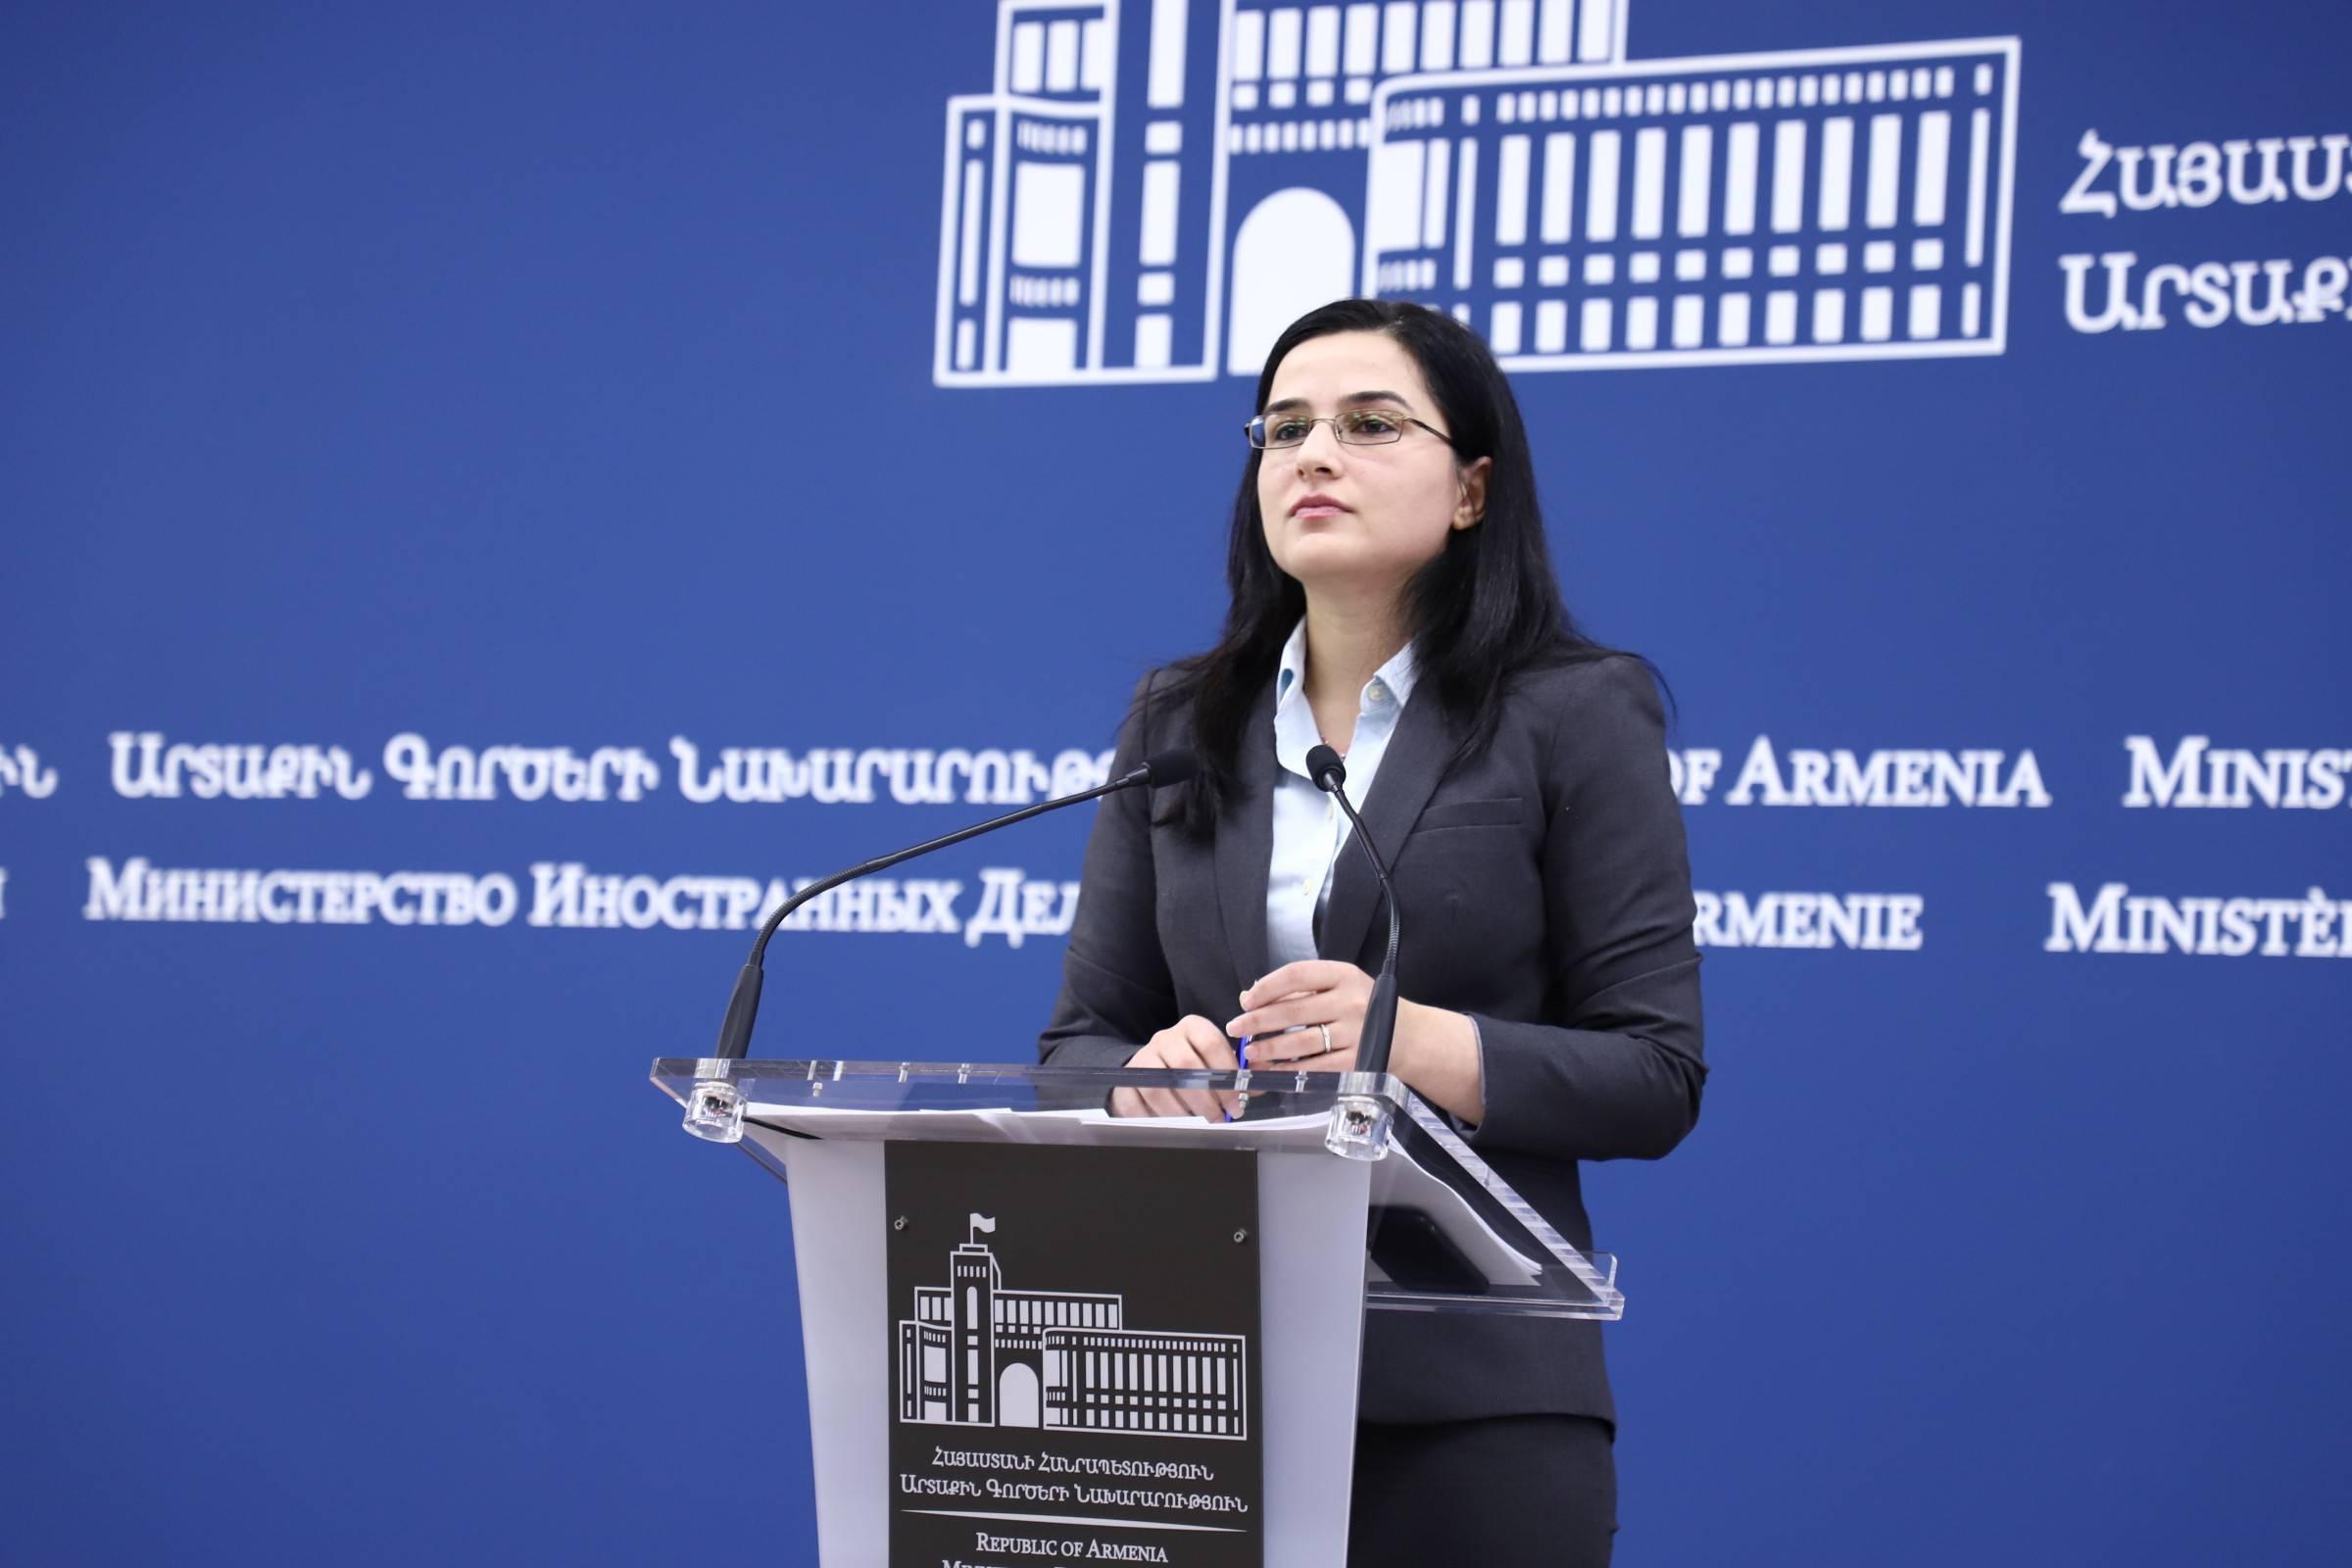 Ստիպված ենք արձանագրել, որ Ադրբեջանի նախագահի խոսքում որևէ նոր բան չկար. Աննա Նաղդալյան